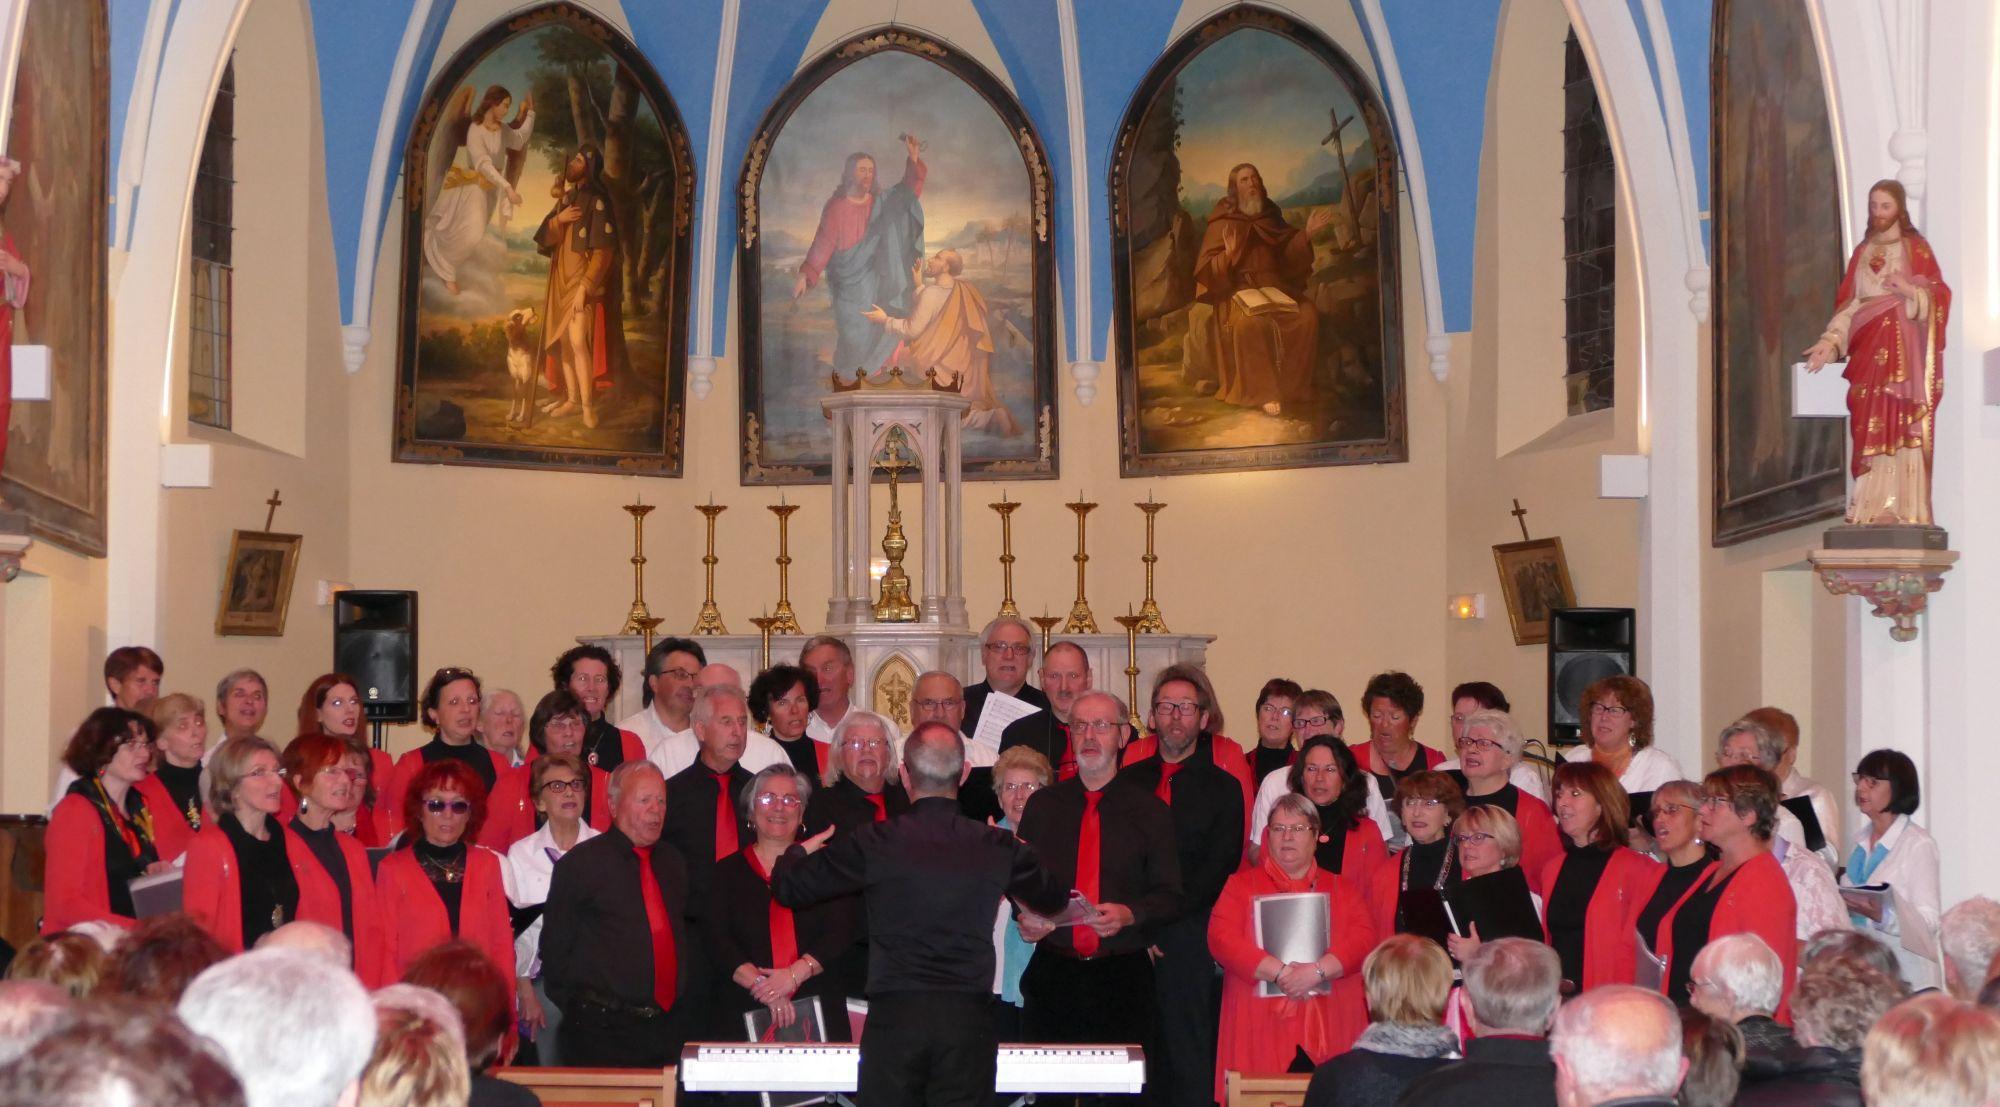 Concert au Freney avec la Chorale des Cîmes - 9 avril 2016